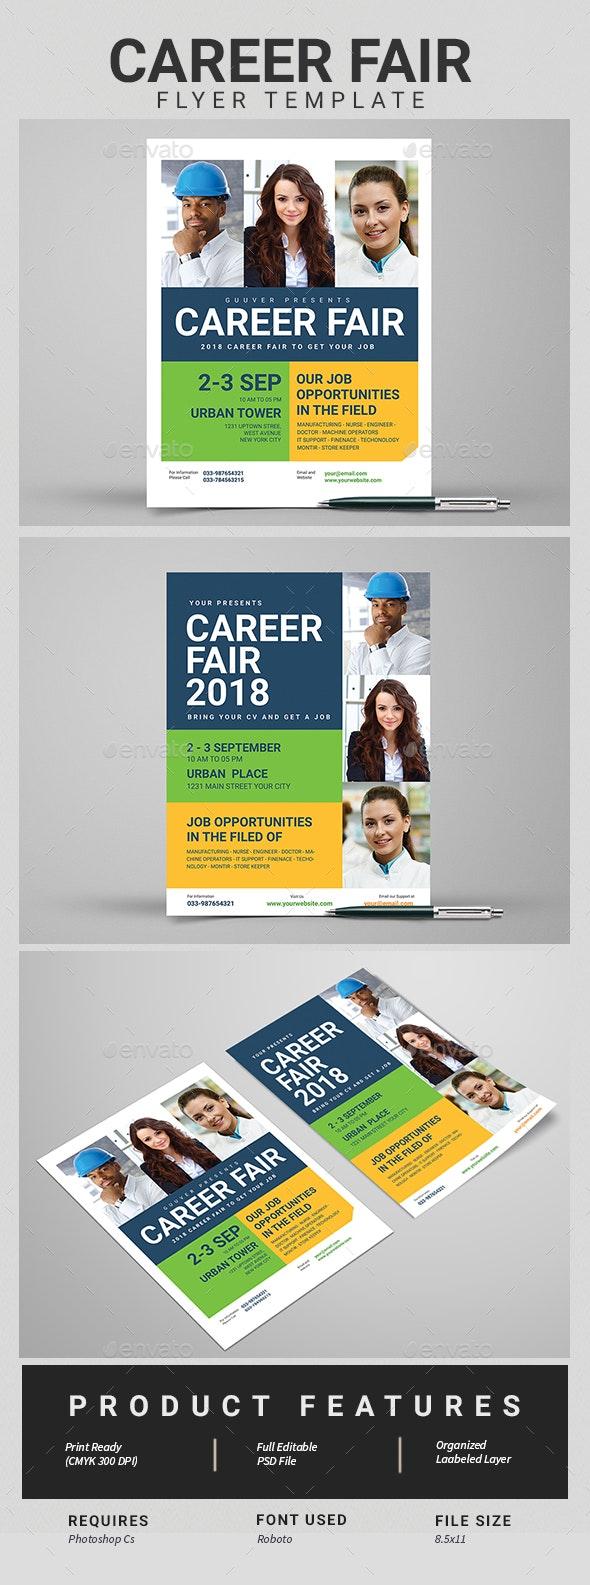 Career Fair Flyer - Corporate Flyers